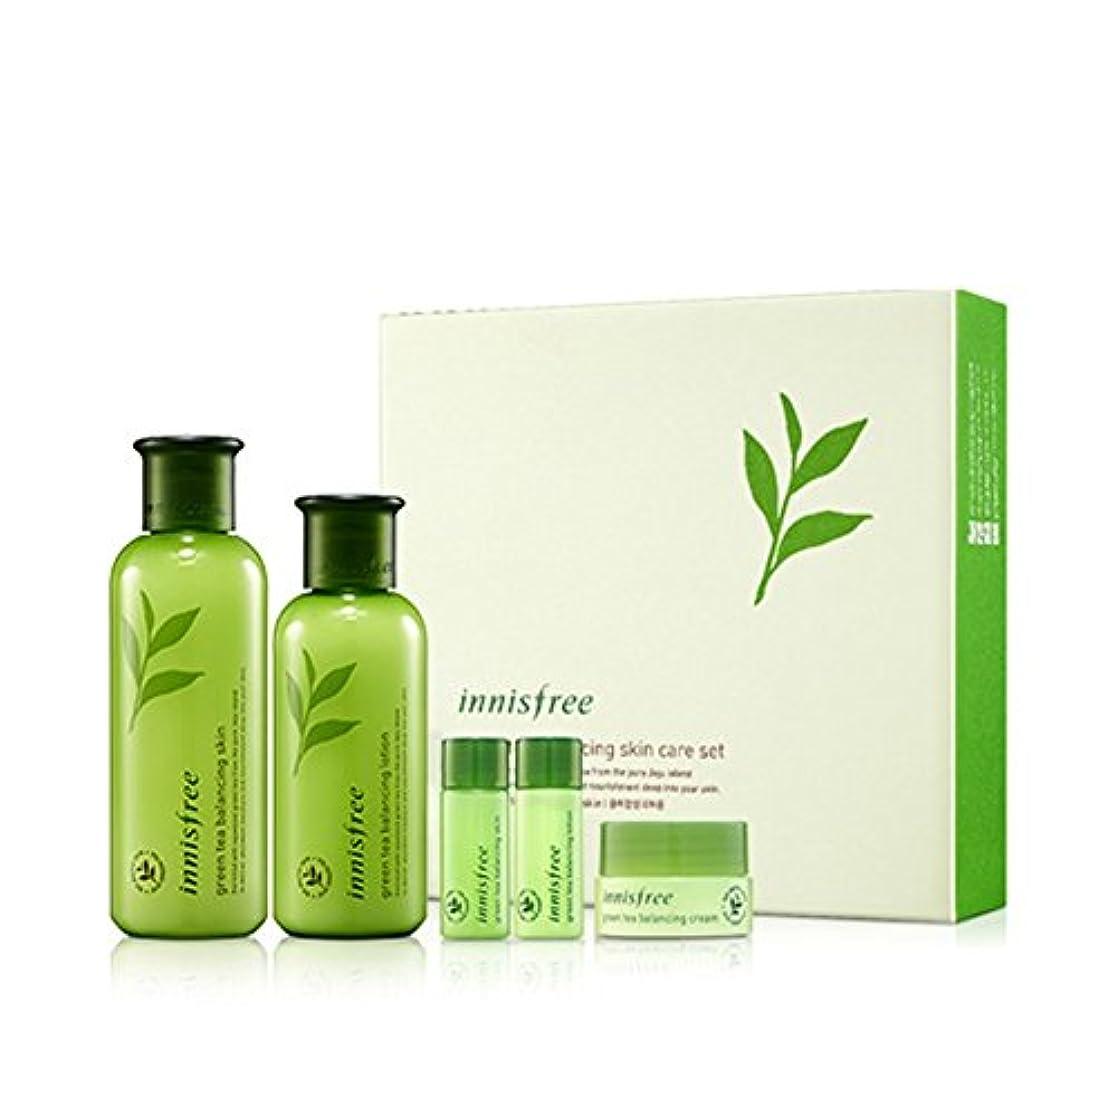 失望ガイドライン注文[イニスフリー] Innisfree [グリーンティーバランシングスペシャルスキンケアセット] Green Tea Balancing Special Skin Care Set [海外直送品]